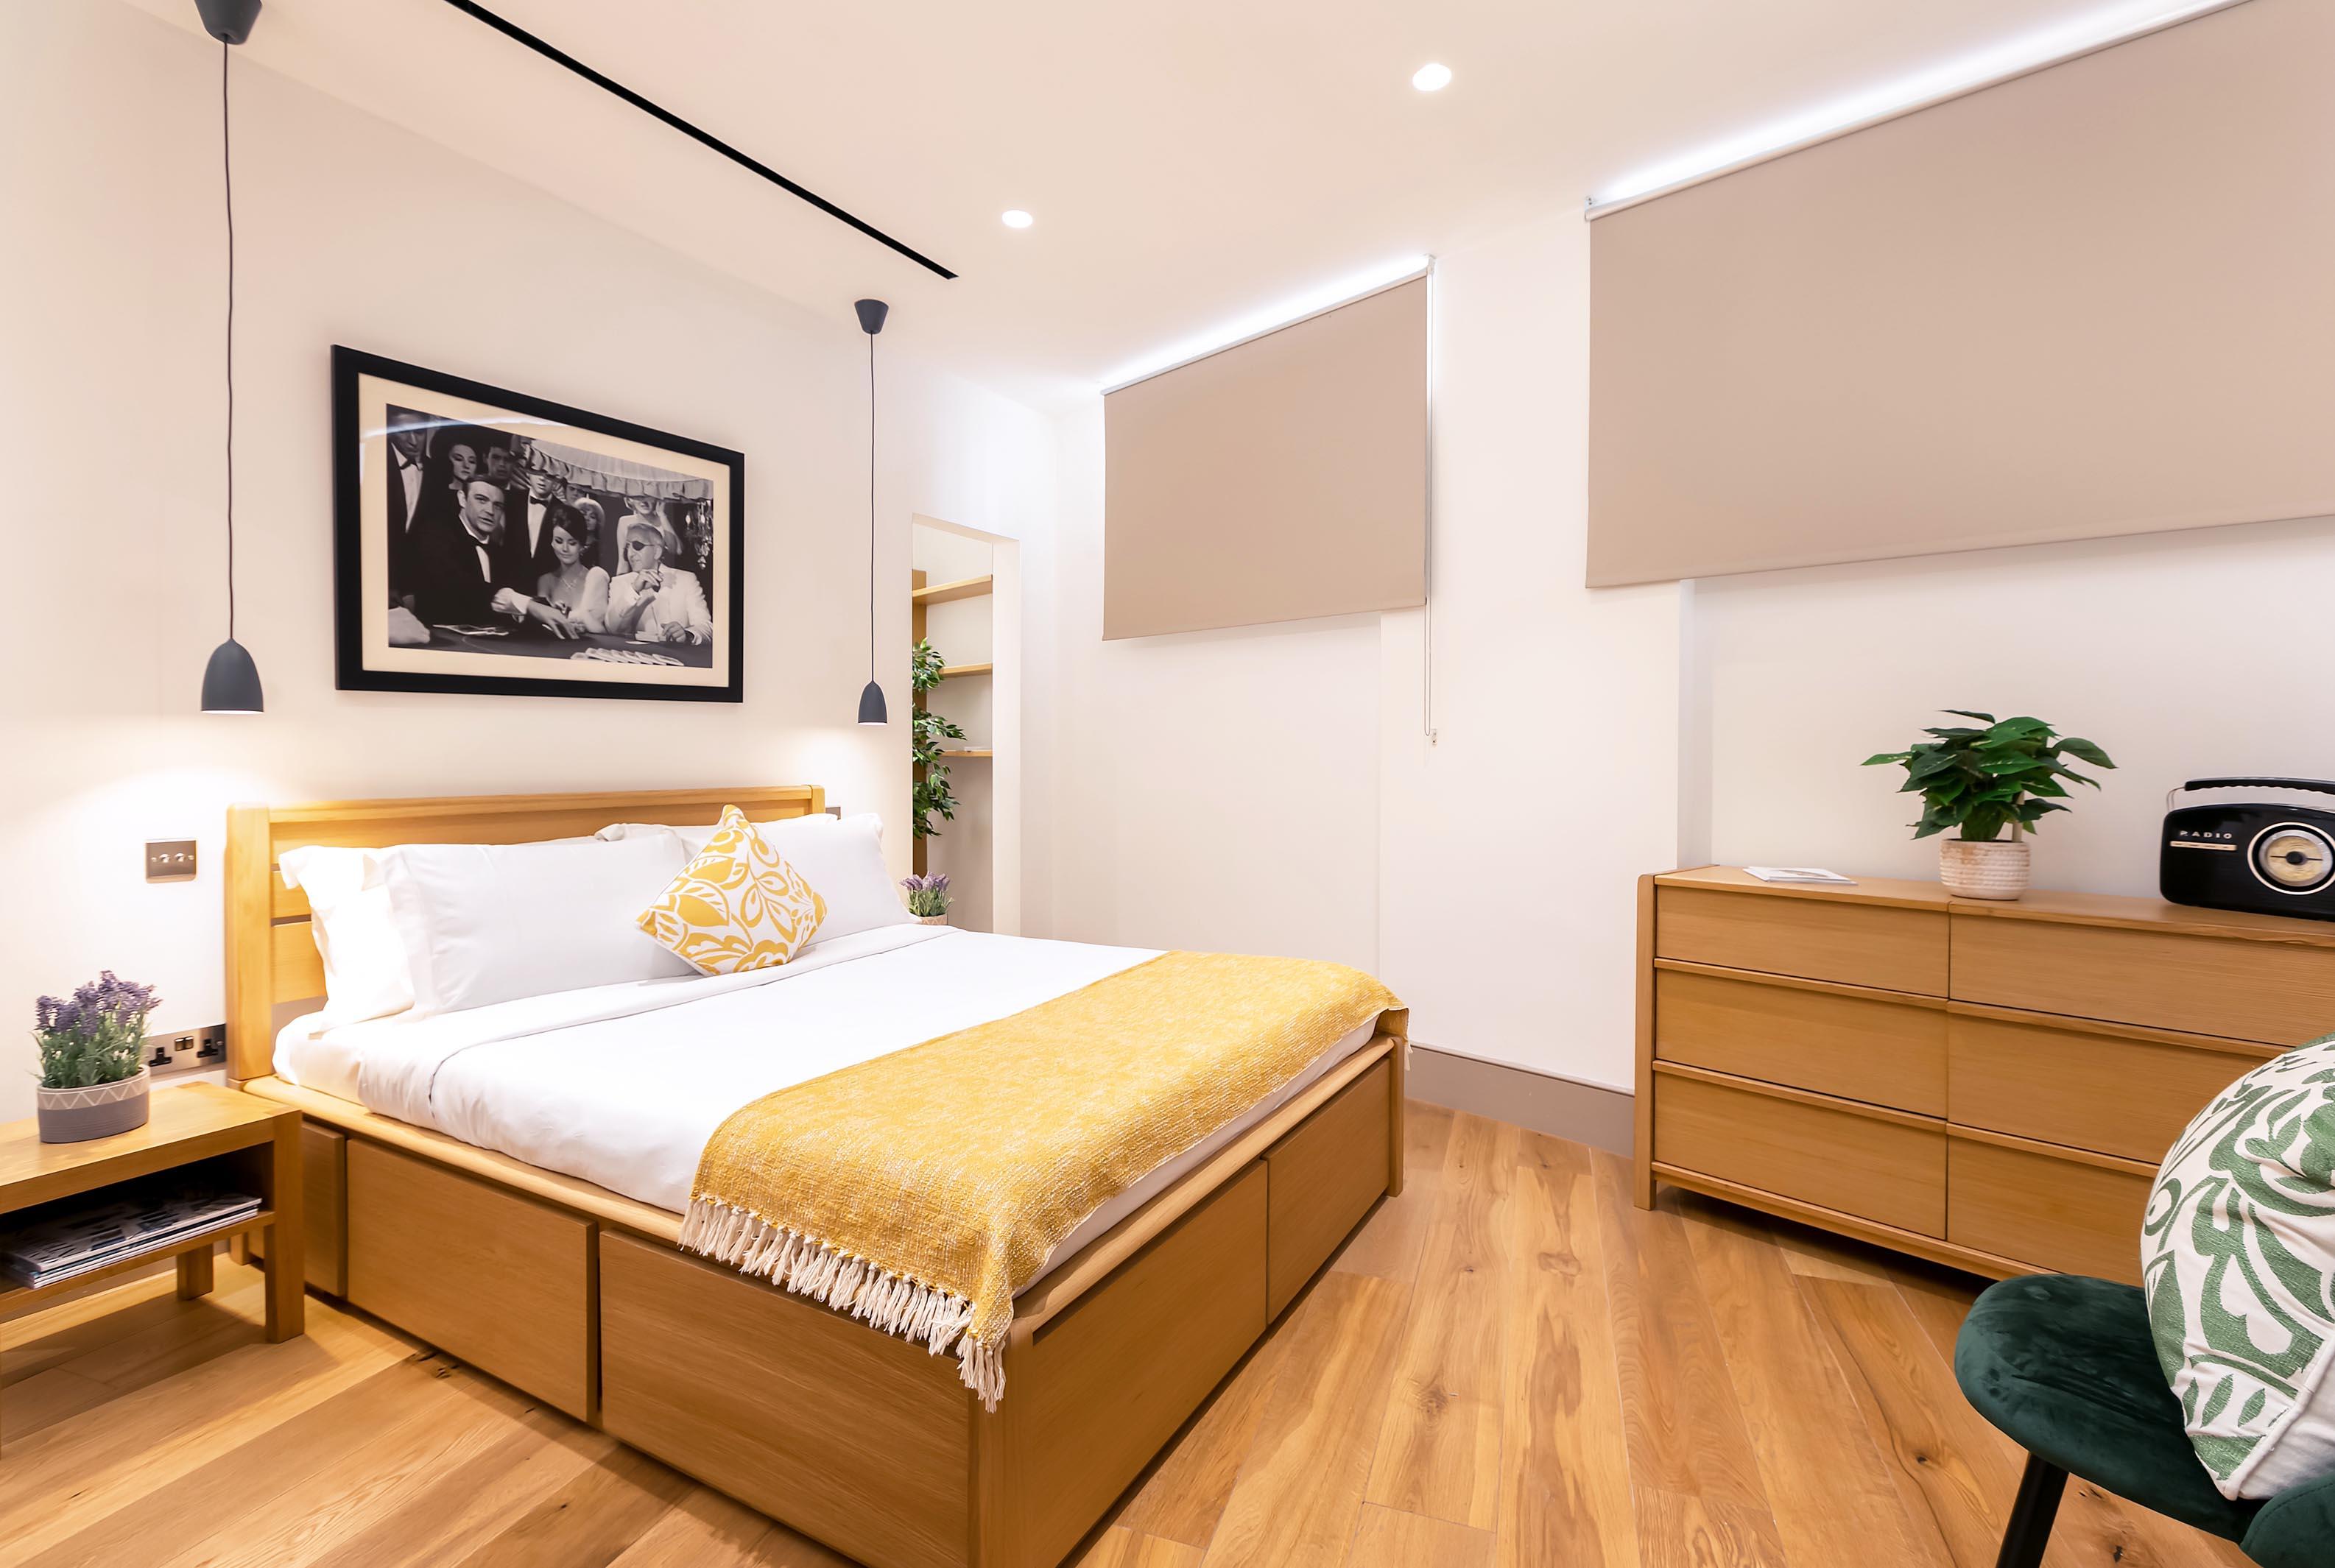 Lovelydays luxury service apartment rental - London - Fitzrovia - Wells Mews B - Lovelysuite - 2 bedrooms - 2 bathrooms - Double bed - e7ea27eeb1d7 - Lovelydays